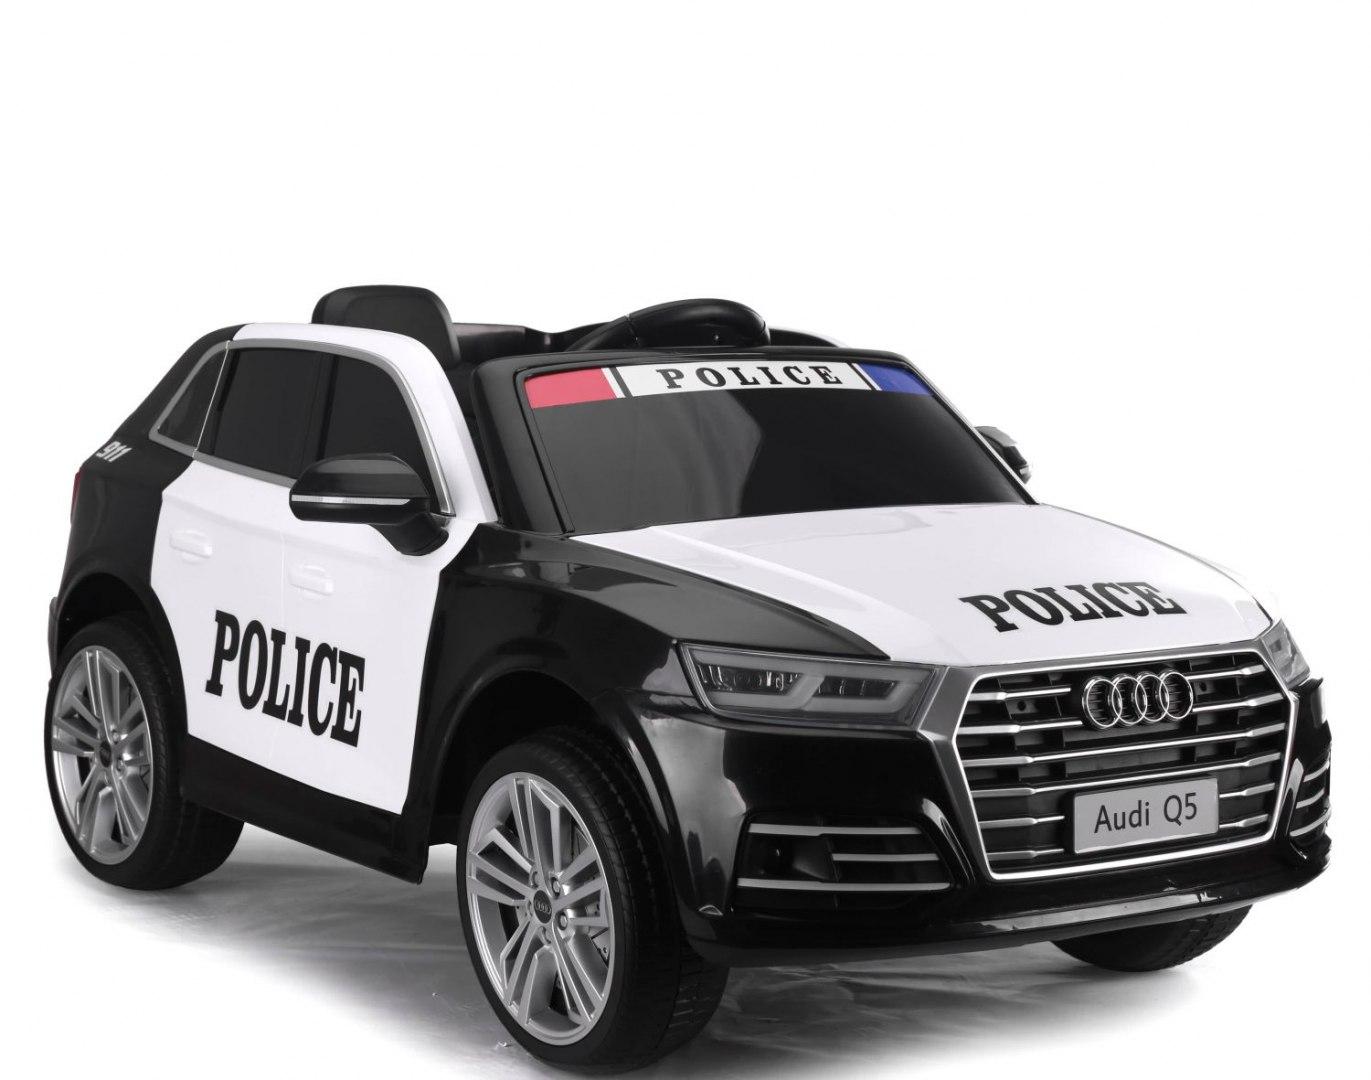 Image of AUDI Q5 POLICJA , MIĘKKIE KOŁA, MIĘKKIE SIEDZENIE, RADIO FM, BLUETOOTH - PEŁNA OPCJA/S305